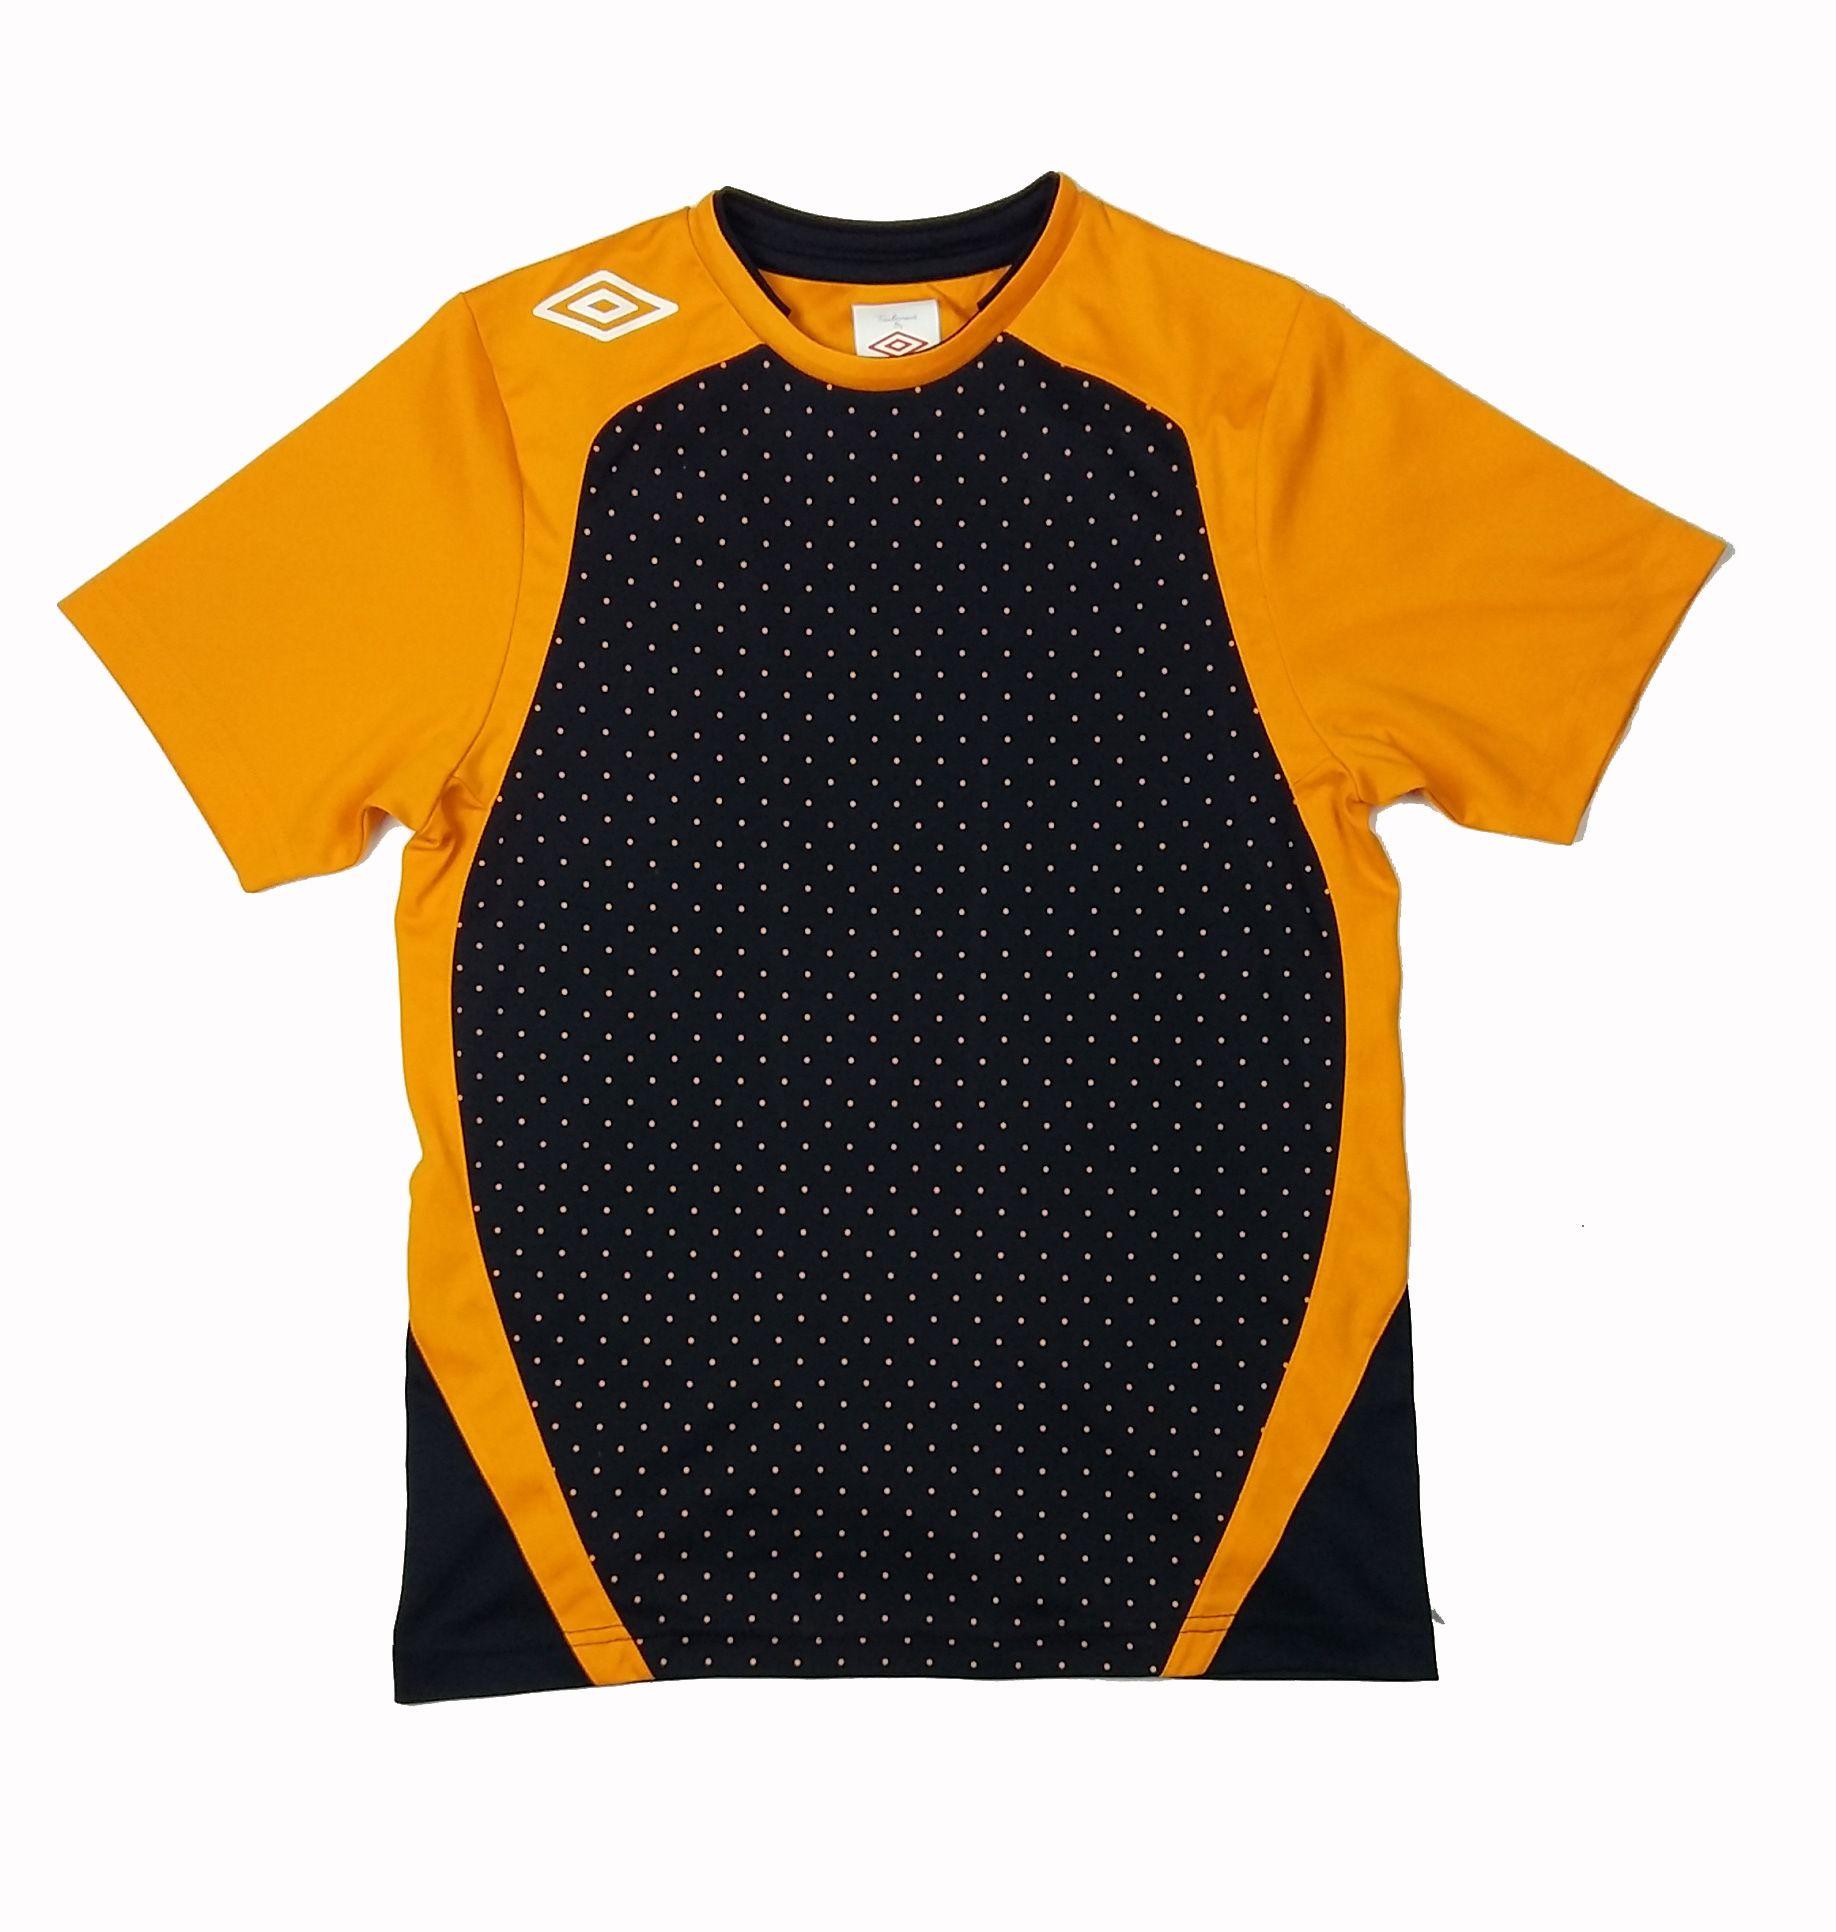 f275fde42c Sárga-fekete mez (158) - 140 és nagyobb (9 év és nagyobb) - Minőségi angol  használt és új gyerekruhák